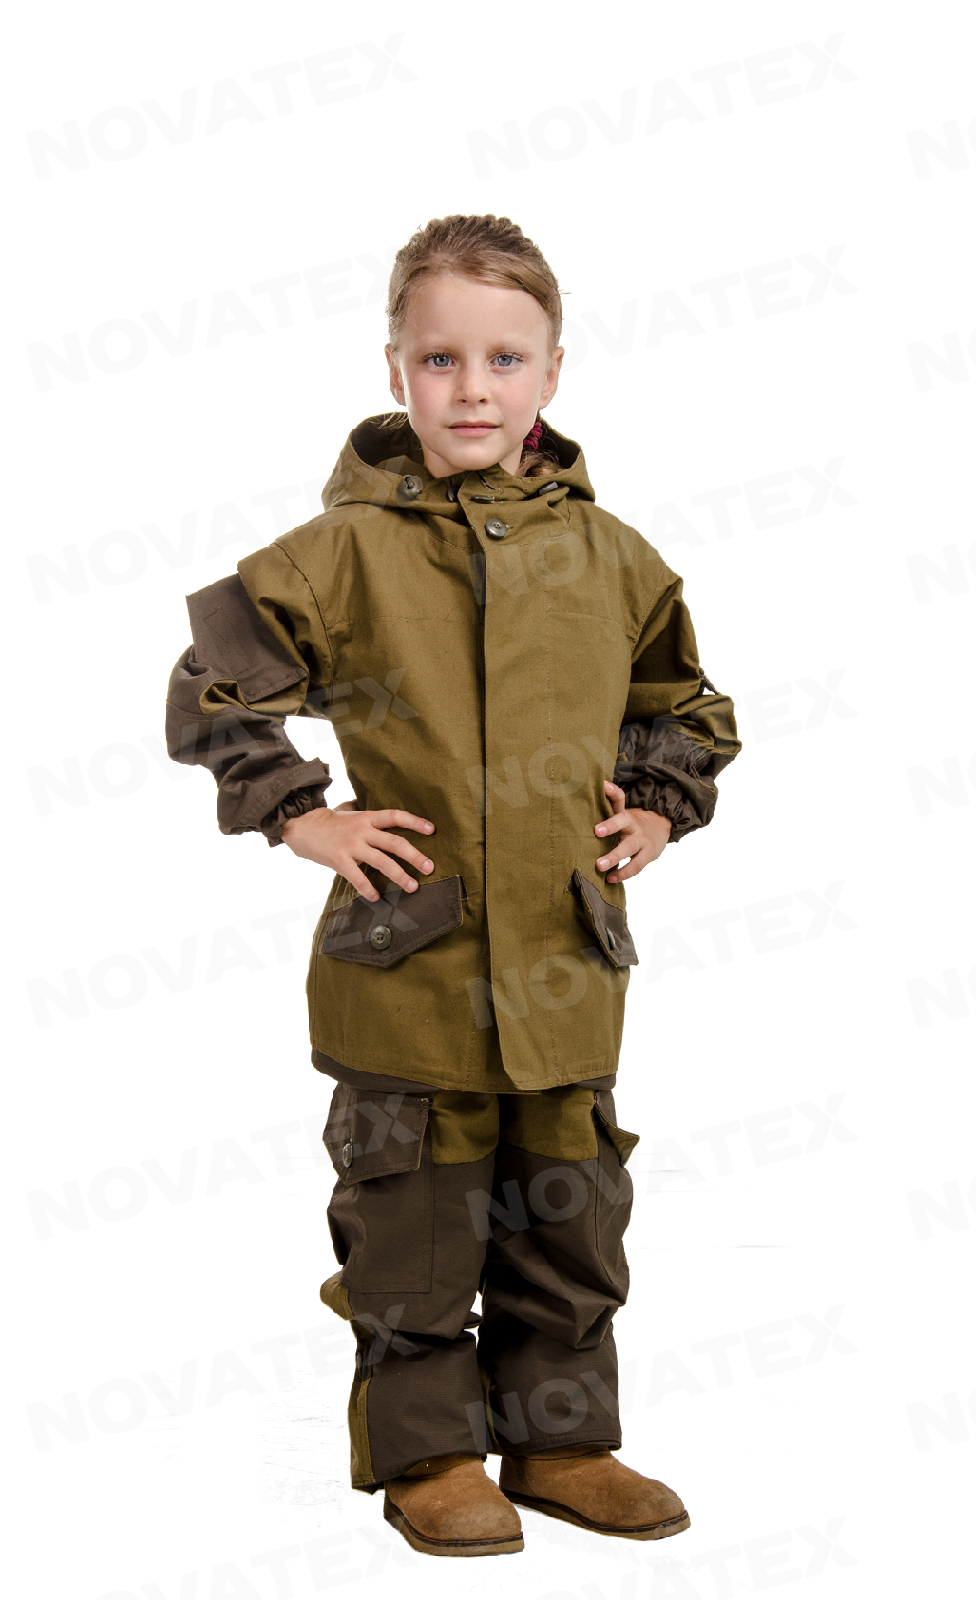 Костюм «Горка палатка» (палатка, т.хаки) Костюмы неутепленные<br>Предлагаем вам костюм «Горка Палатка» <br>(ТМ «Квест») от компании Novatex. Костюм «Горка <br>Палатка» является модификацией знаменитого <br>костюма «Горка» используемого в спецподразделениях, <br>так что его можно рекомендовать людям, живущим <br>активной жизнью, привыкшим помногу и подолгу <br>бывать на свежем воздухе в экстремальных <br>условиях. Костюм «Горка Палатка» состоит <br>из куртки и брюк на подтяжках. Отличается <br>специальным анатомическим кроем, характерным <br>для данной линии одежды. Этот костюм не <br>стесняет движений, дает свободу перемещения <br>в условиях пересеченной местности. «Горка-Палатка» <br>выполнен из 100% хлопковой ткани «палатка» <br>в классической расцветке хаки. Эта ткань <br>хорошо дышит, не создает дискомфорта для <br>тела, обладая при этом классической прочностью <br>брезента. Места повышенного износа имеют <br>дополнительное усиление. Усиление и отделка <br>производится мембранной тканью «кошачий <br>глаз», которая не пропускает влагу снаружи, <br>отводит ее изнутри и обладает повышенной <br>износостойкостью. Рекомендован для военных, <br>охотников, рыбаков, туристов, любителей <br>военно-спортивных игр, представителей силовых <br>структур.<br><br>Пол: унисекс<br>Размер: 32-34<br>Рост: 134-140<br>Сезон: лето<br>Цвет: оливковый